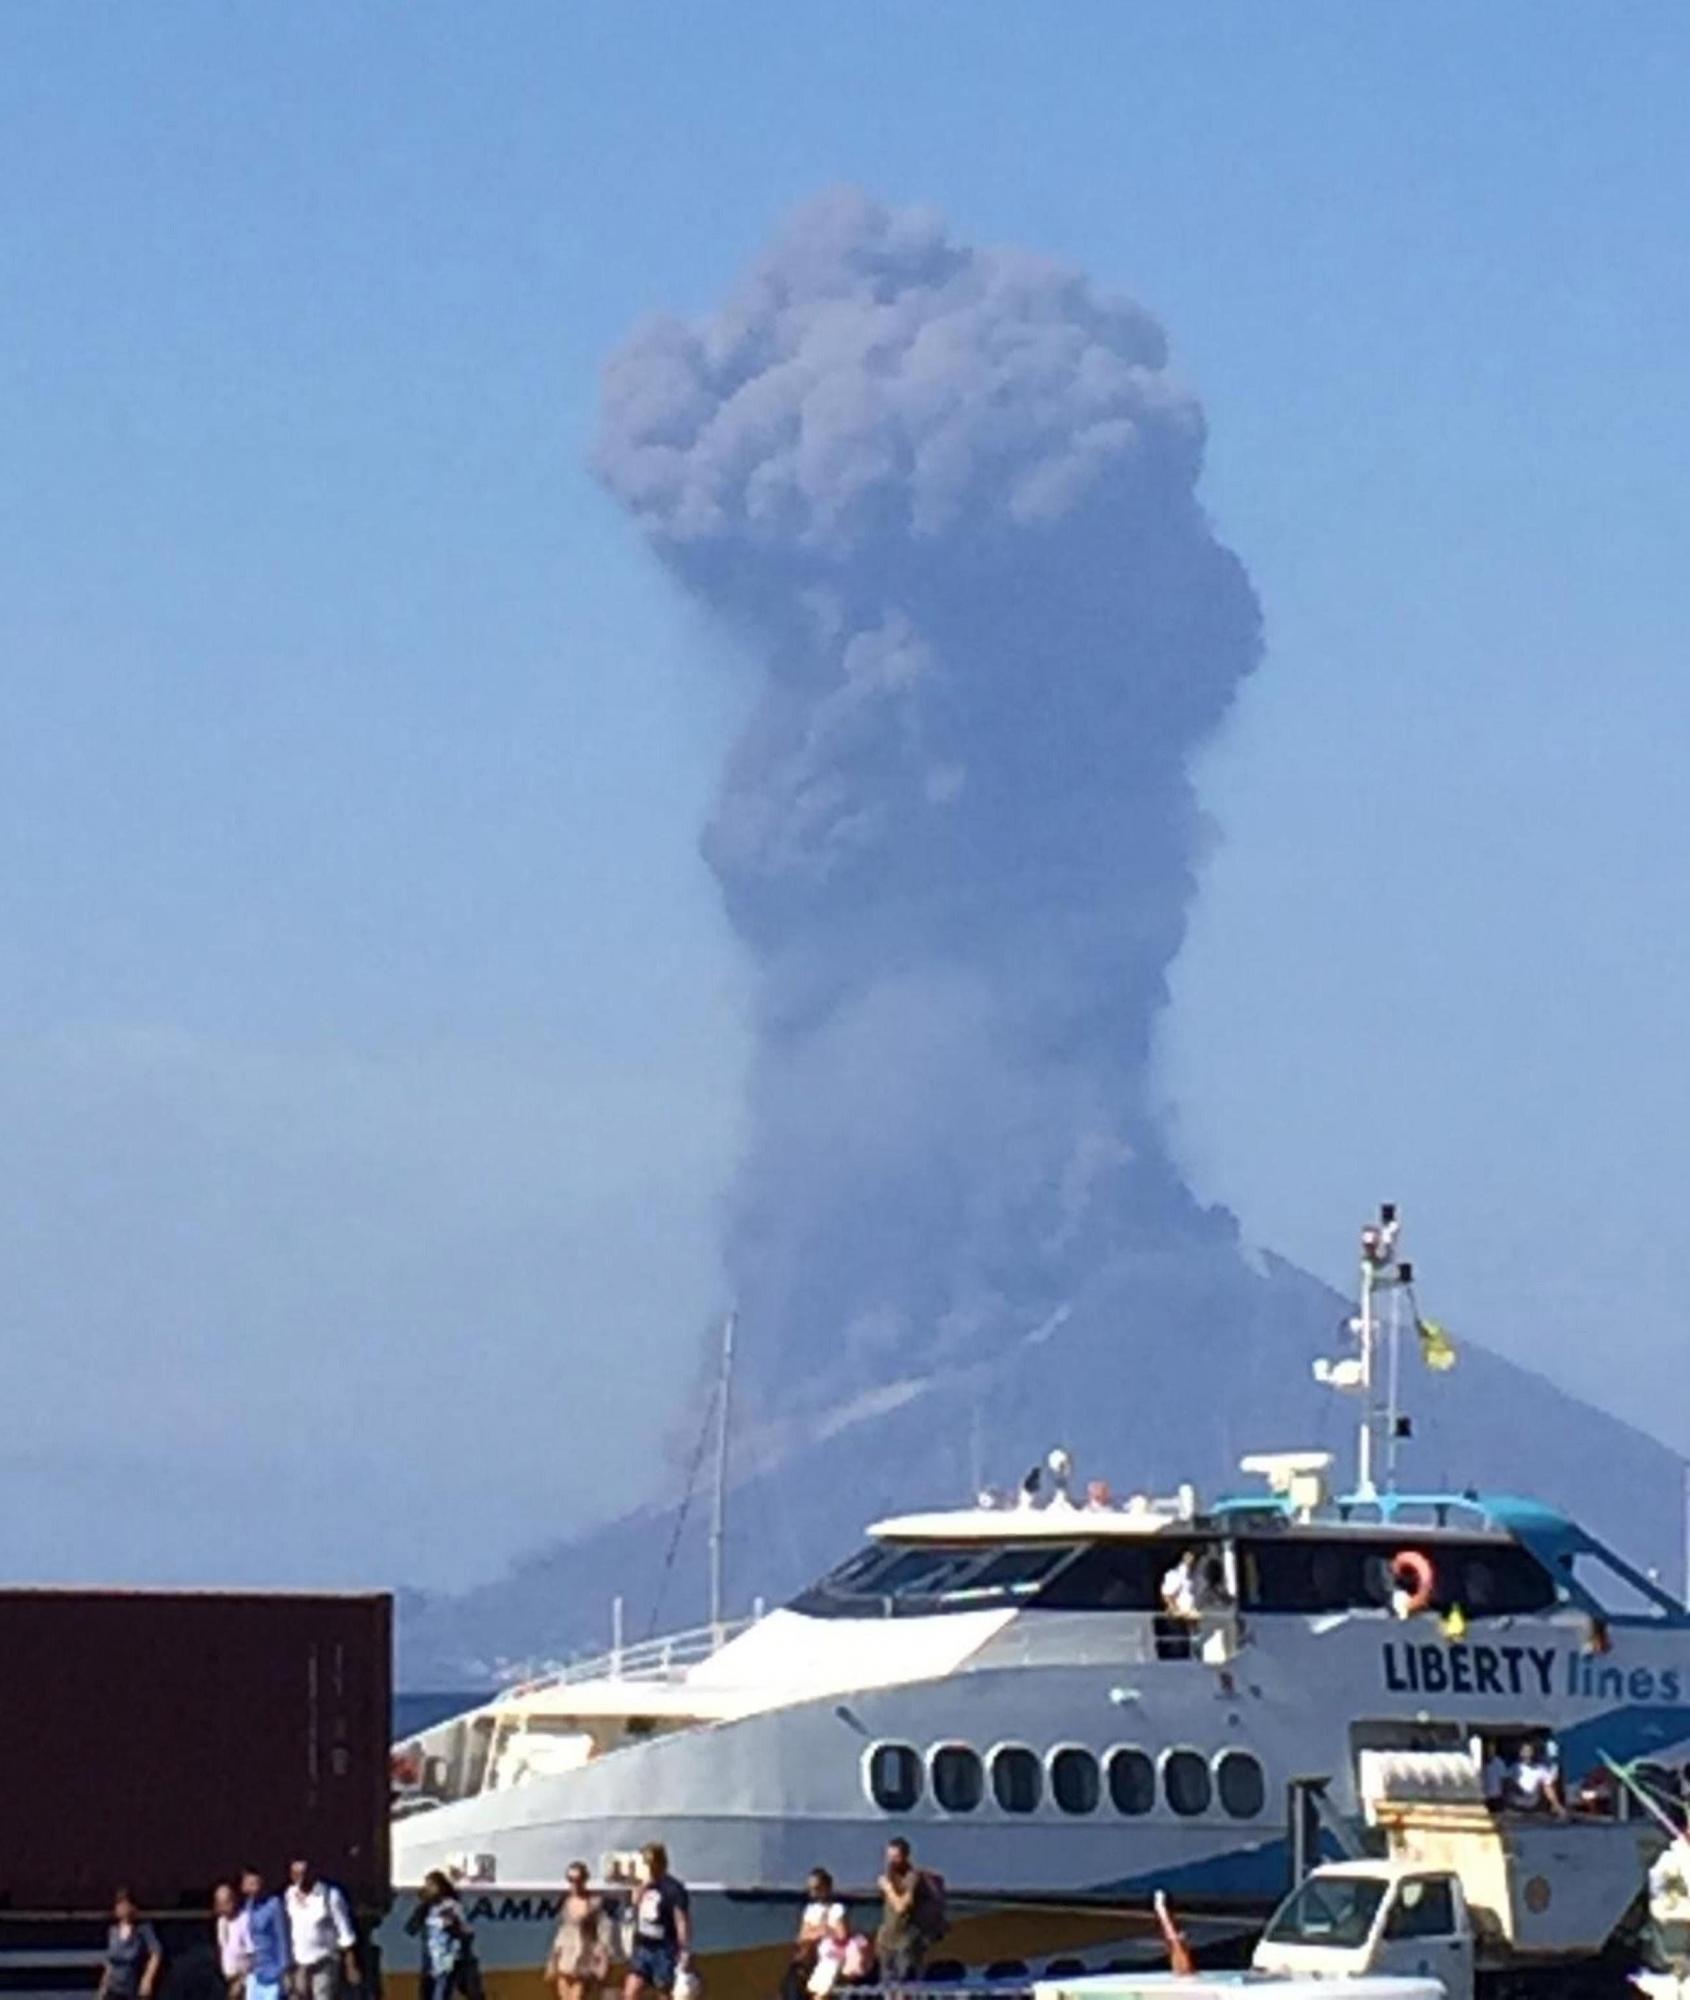 La ceniza se eleva hacia el cielo después de una erupción de volcán en una pequeña isla de Stromboli, Italia. (Foto: EFE)